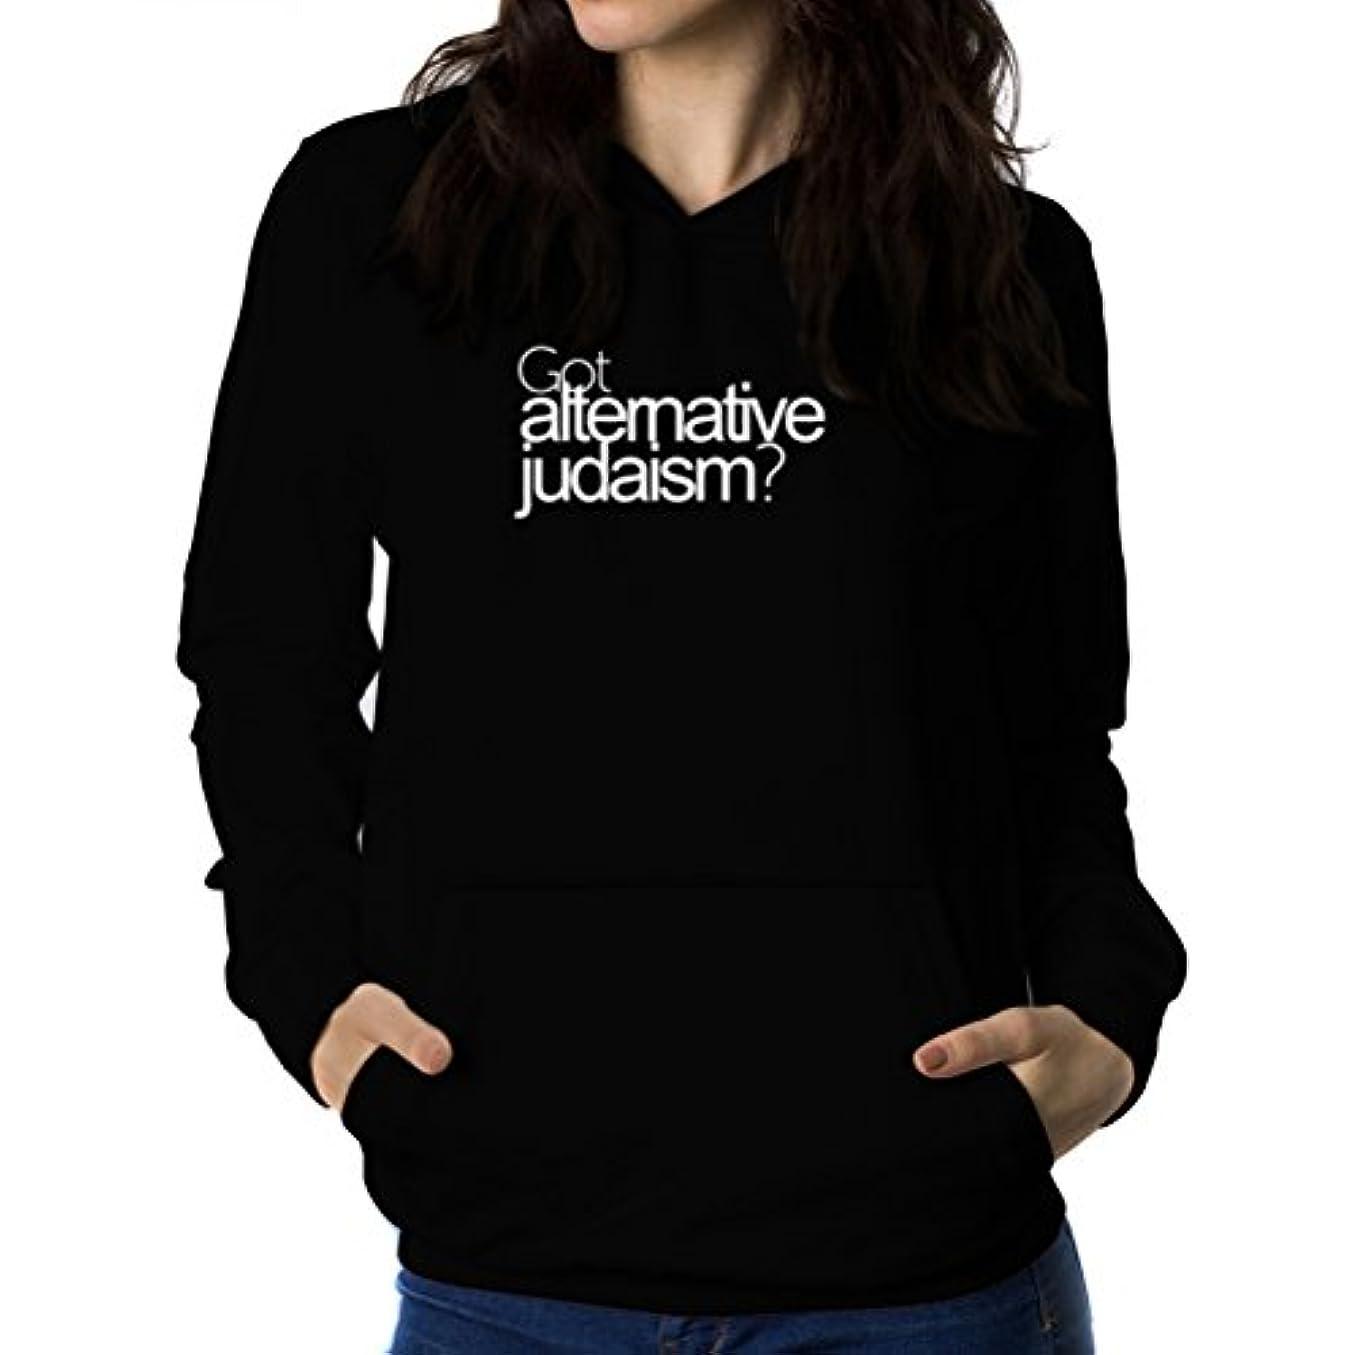 富豪しばしば名前Got Alternative Judaism? 女性 フーディー